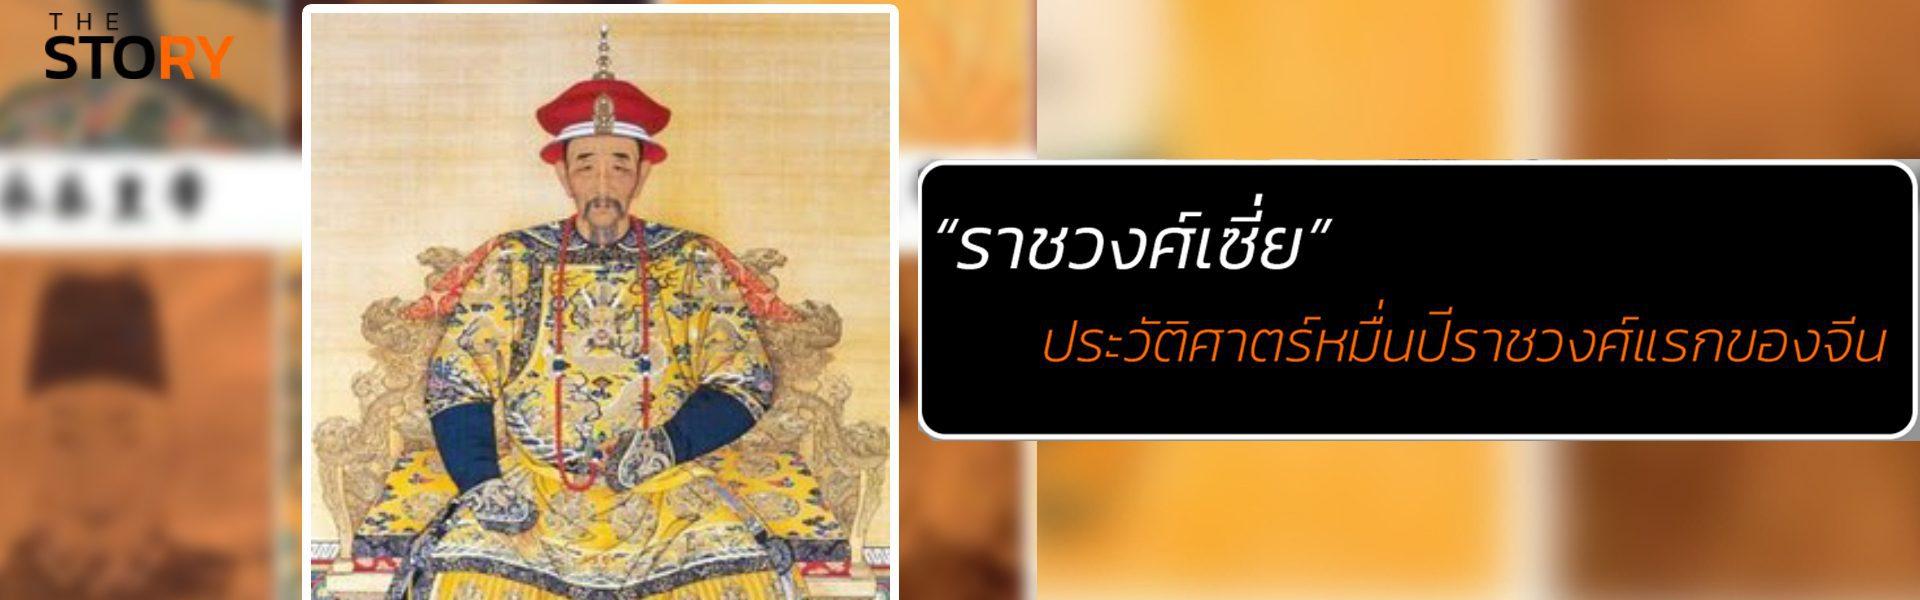 ราชวงศ์เซี่ย ประวัติศาตร์หมื่นปีราชวงศ์แรกของจีน